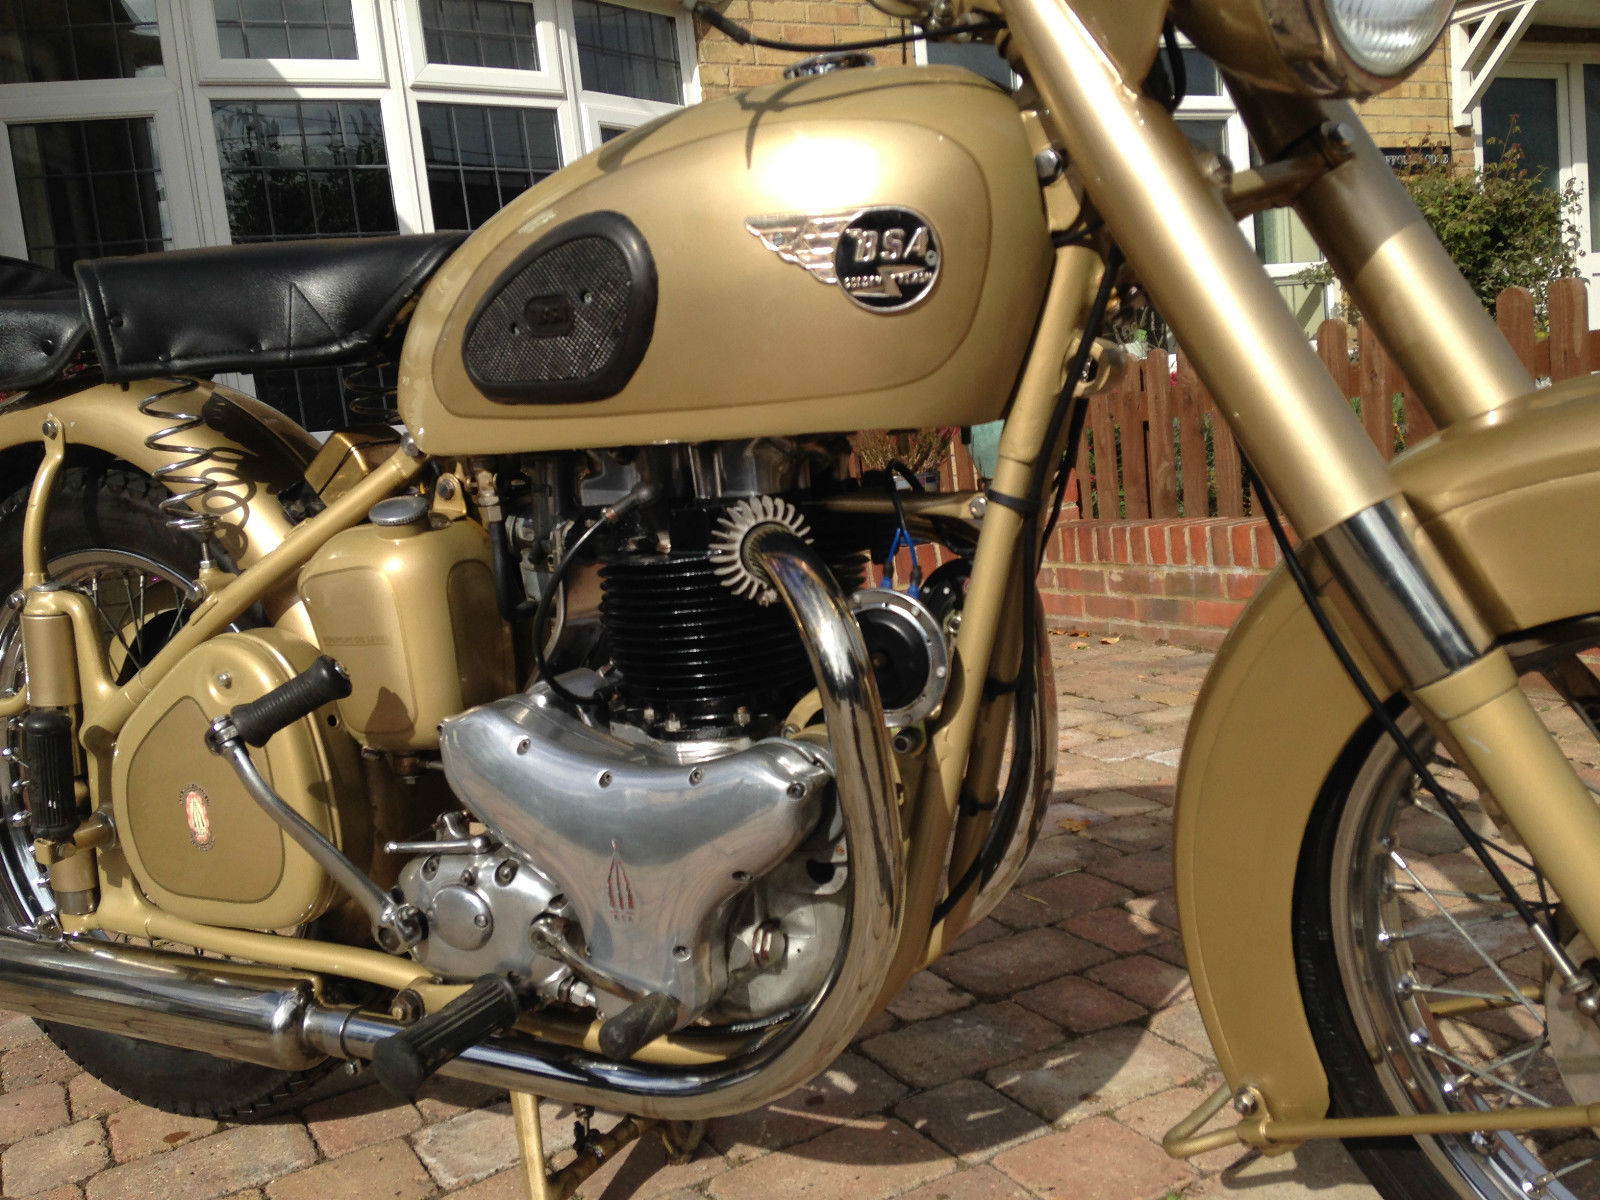 BSA A10 Gold Flash - 1953